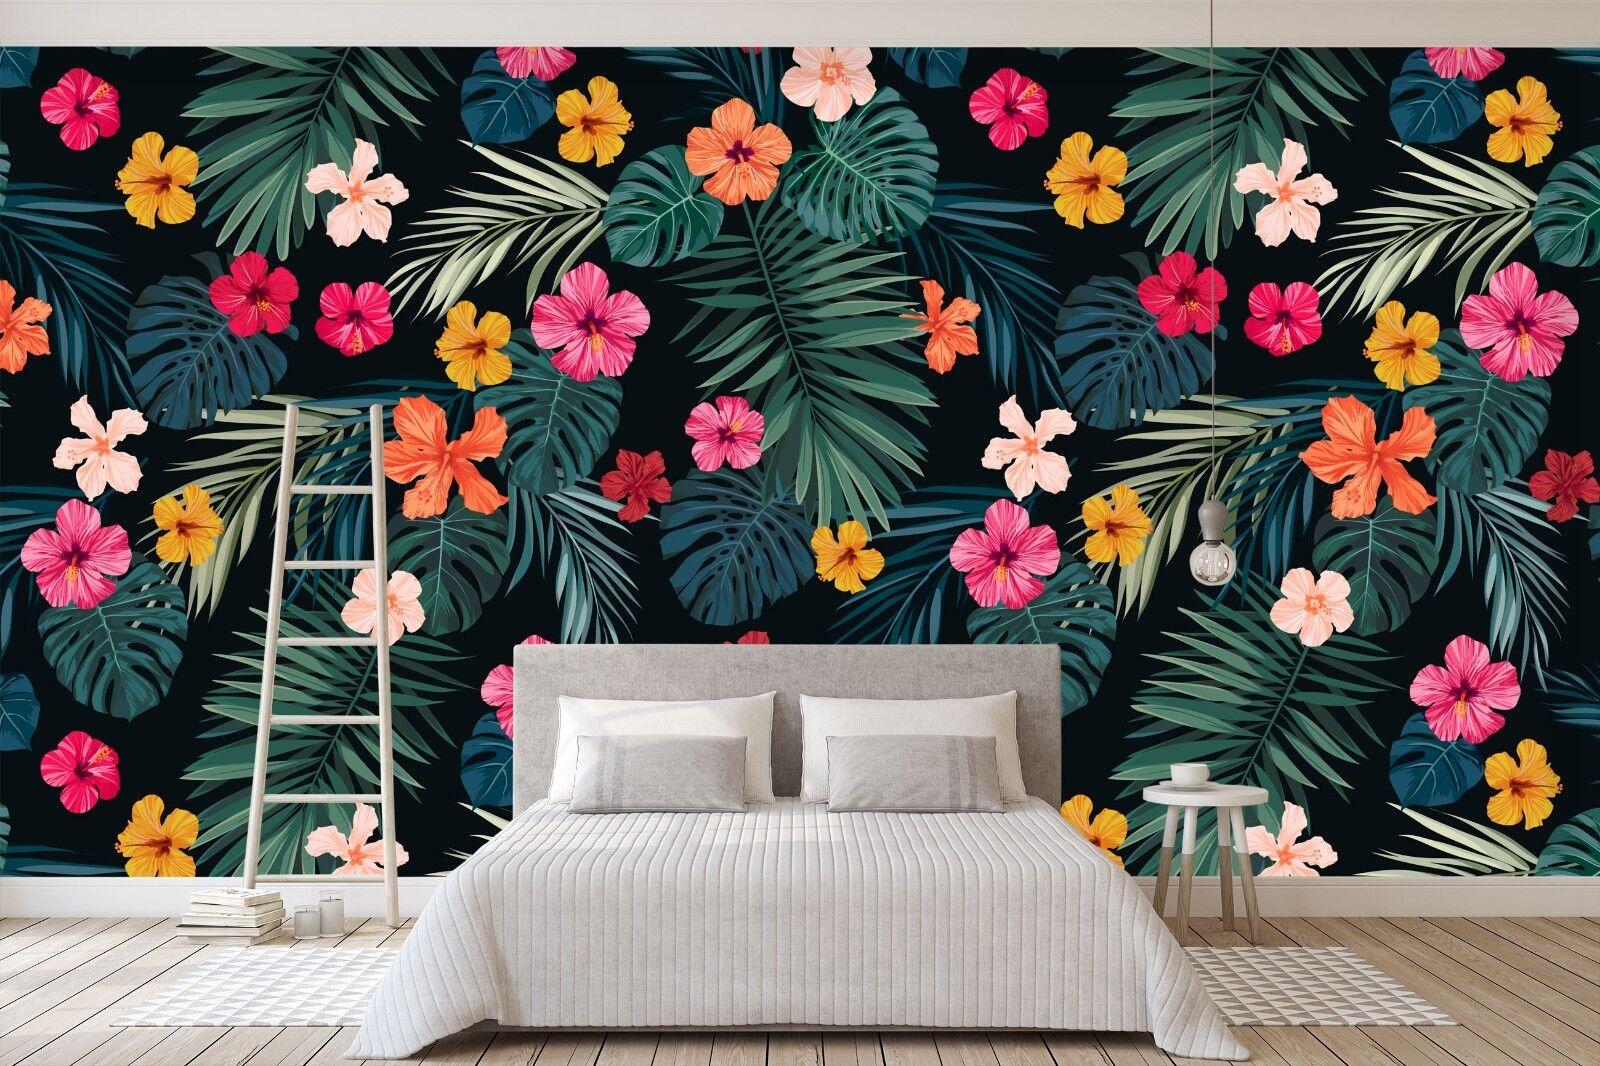 3D Grass Flower 72 Wall Paper Print Wall Decal Deco Indoor Wall Murals US Summer